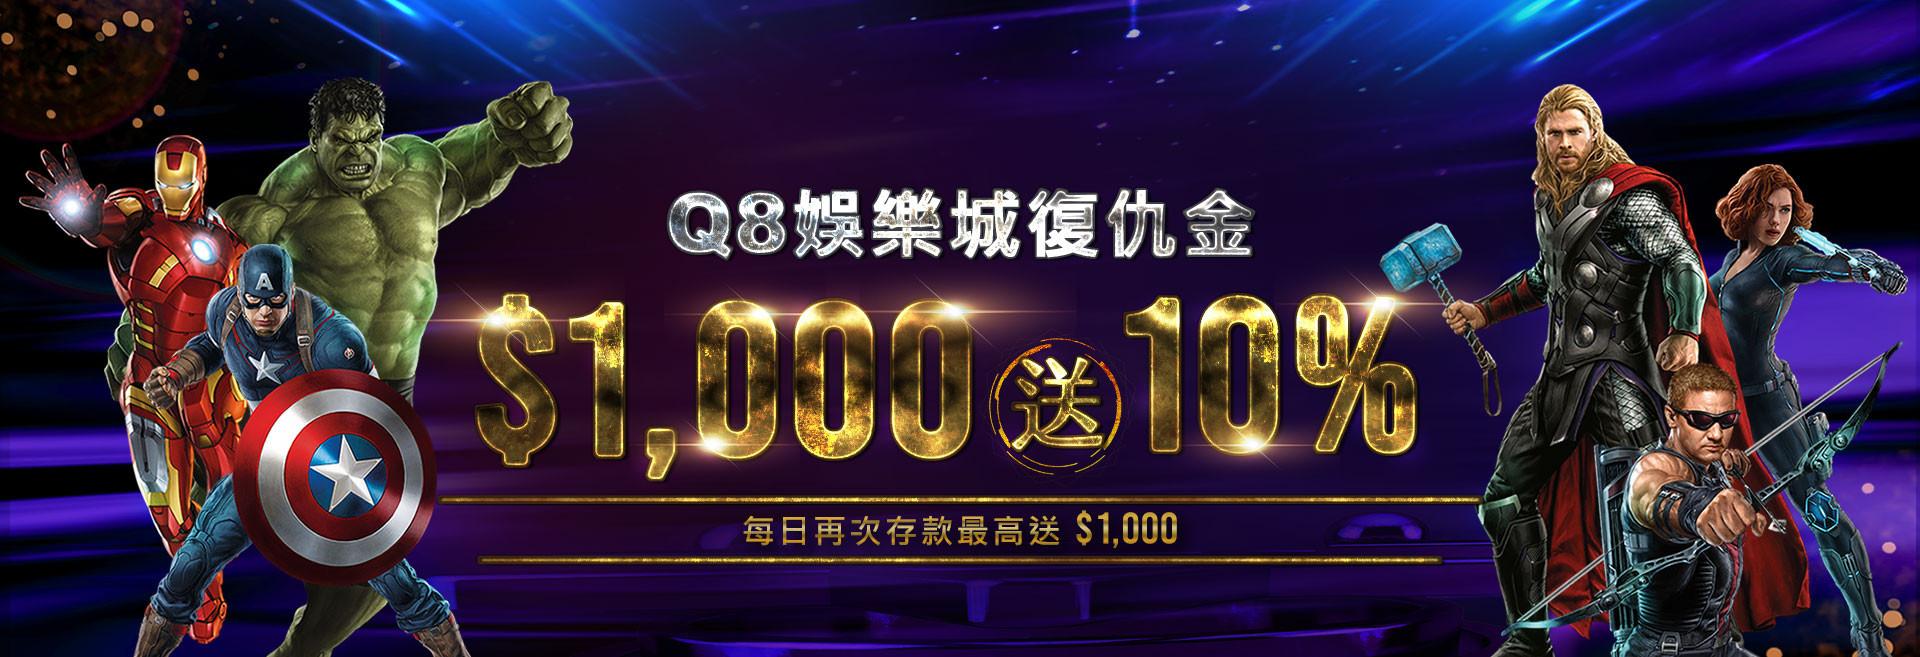 【娛樂城優惠】復仇金每日再次存款1,000送10%